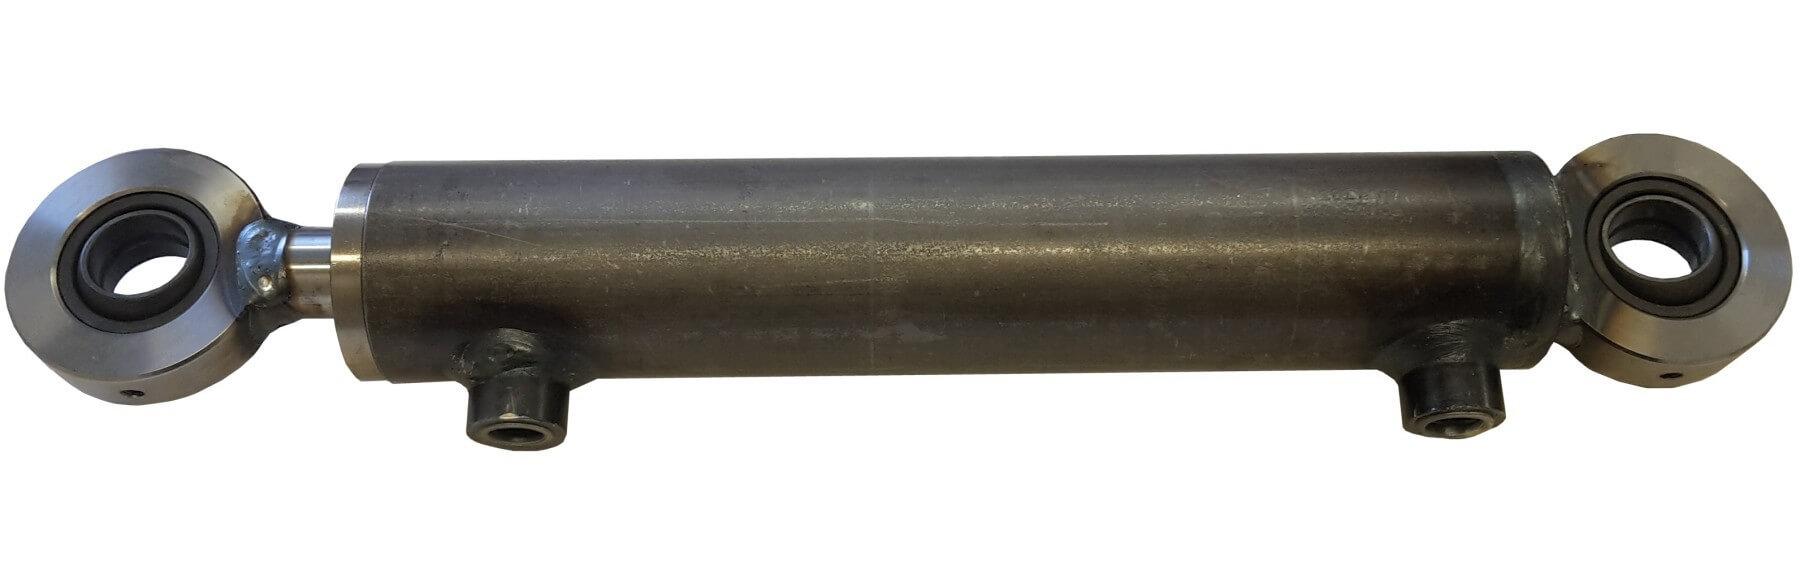 Hydraulisylinteri CL 40. 25. 450 GE - Kailatec Oy Verkkokauppa